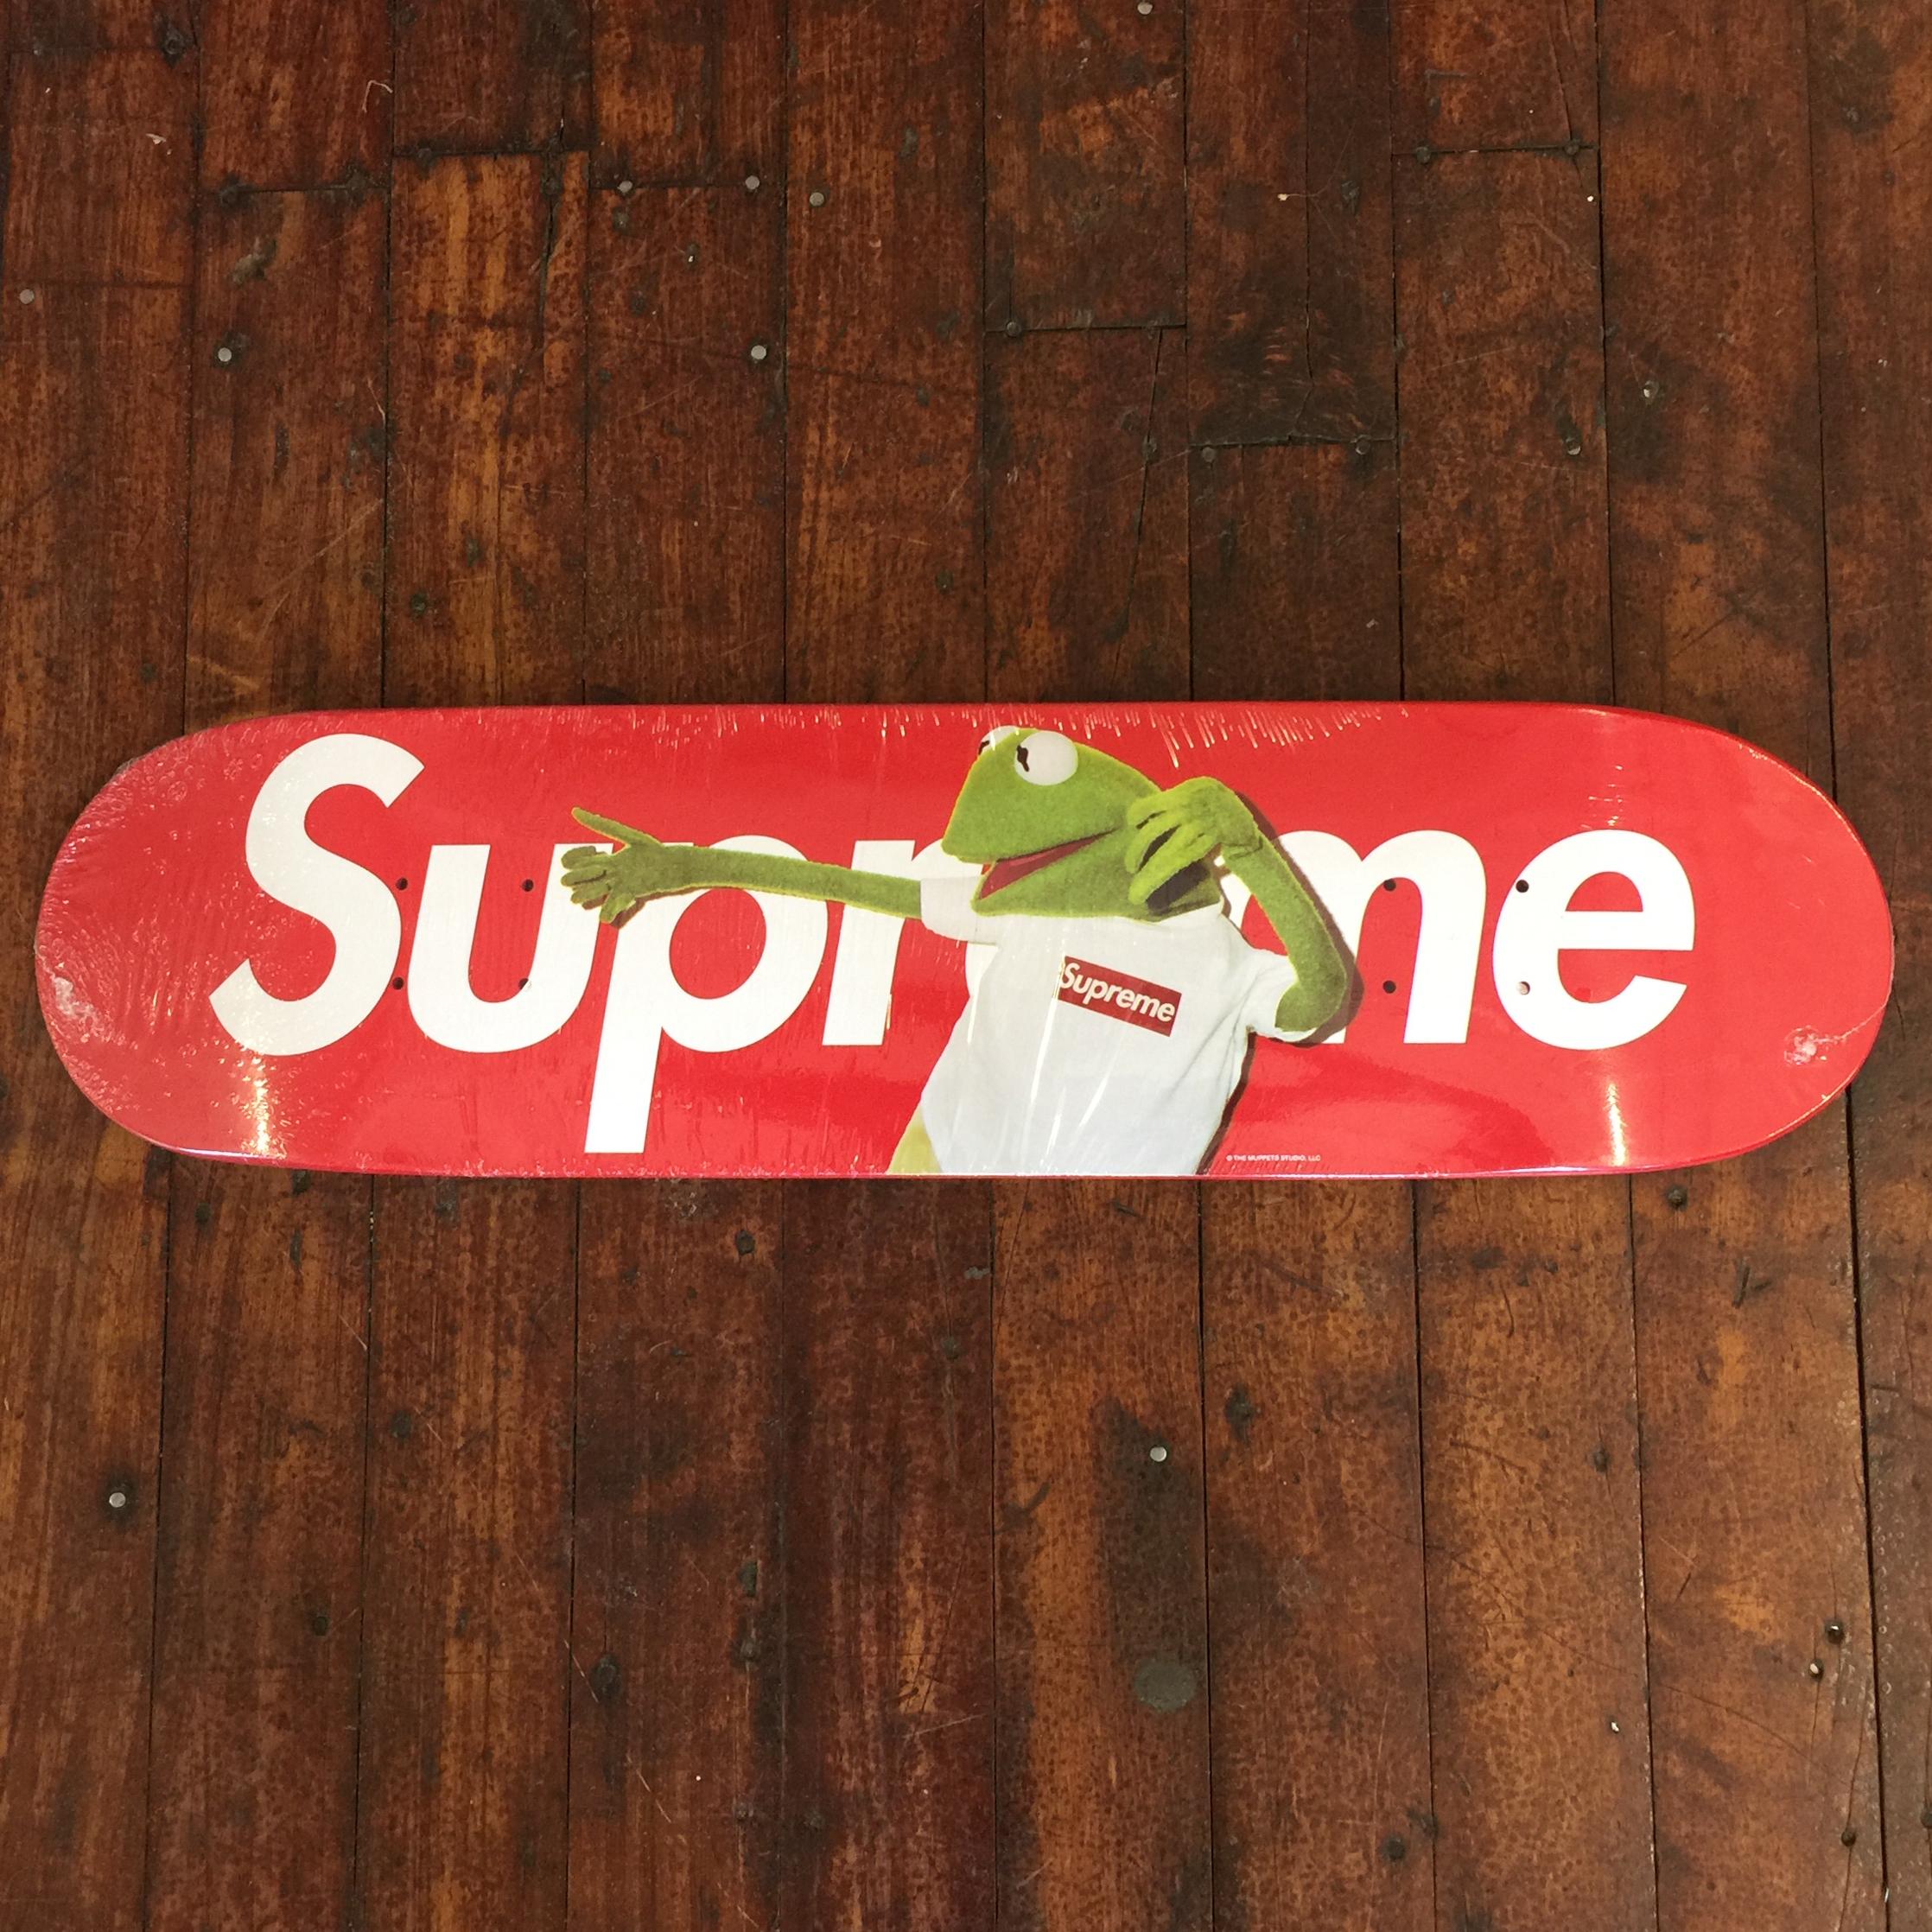 bdb15d2b37 Supreme ×. Kermit Skateboard Deck. Size: ONE SIZE